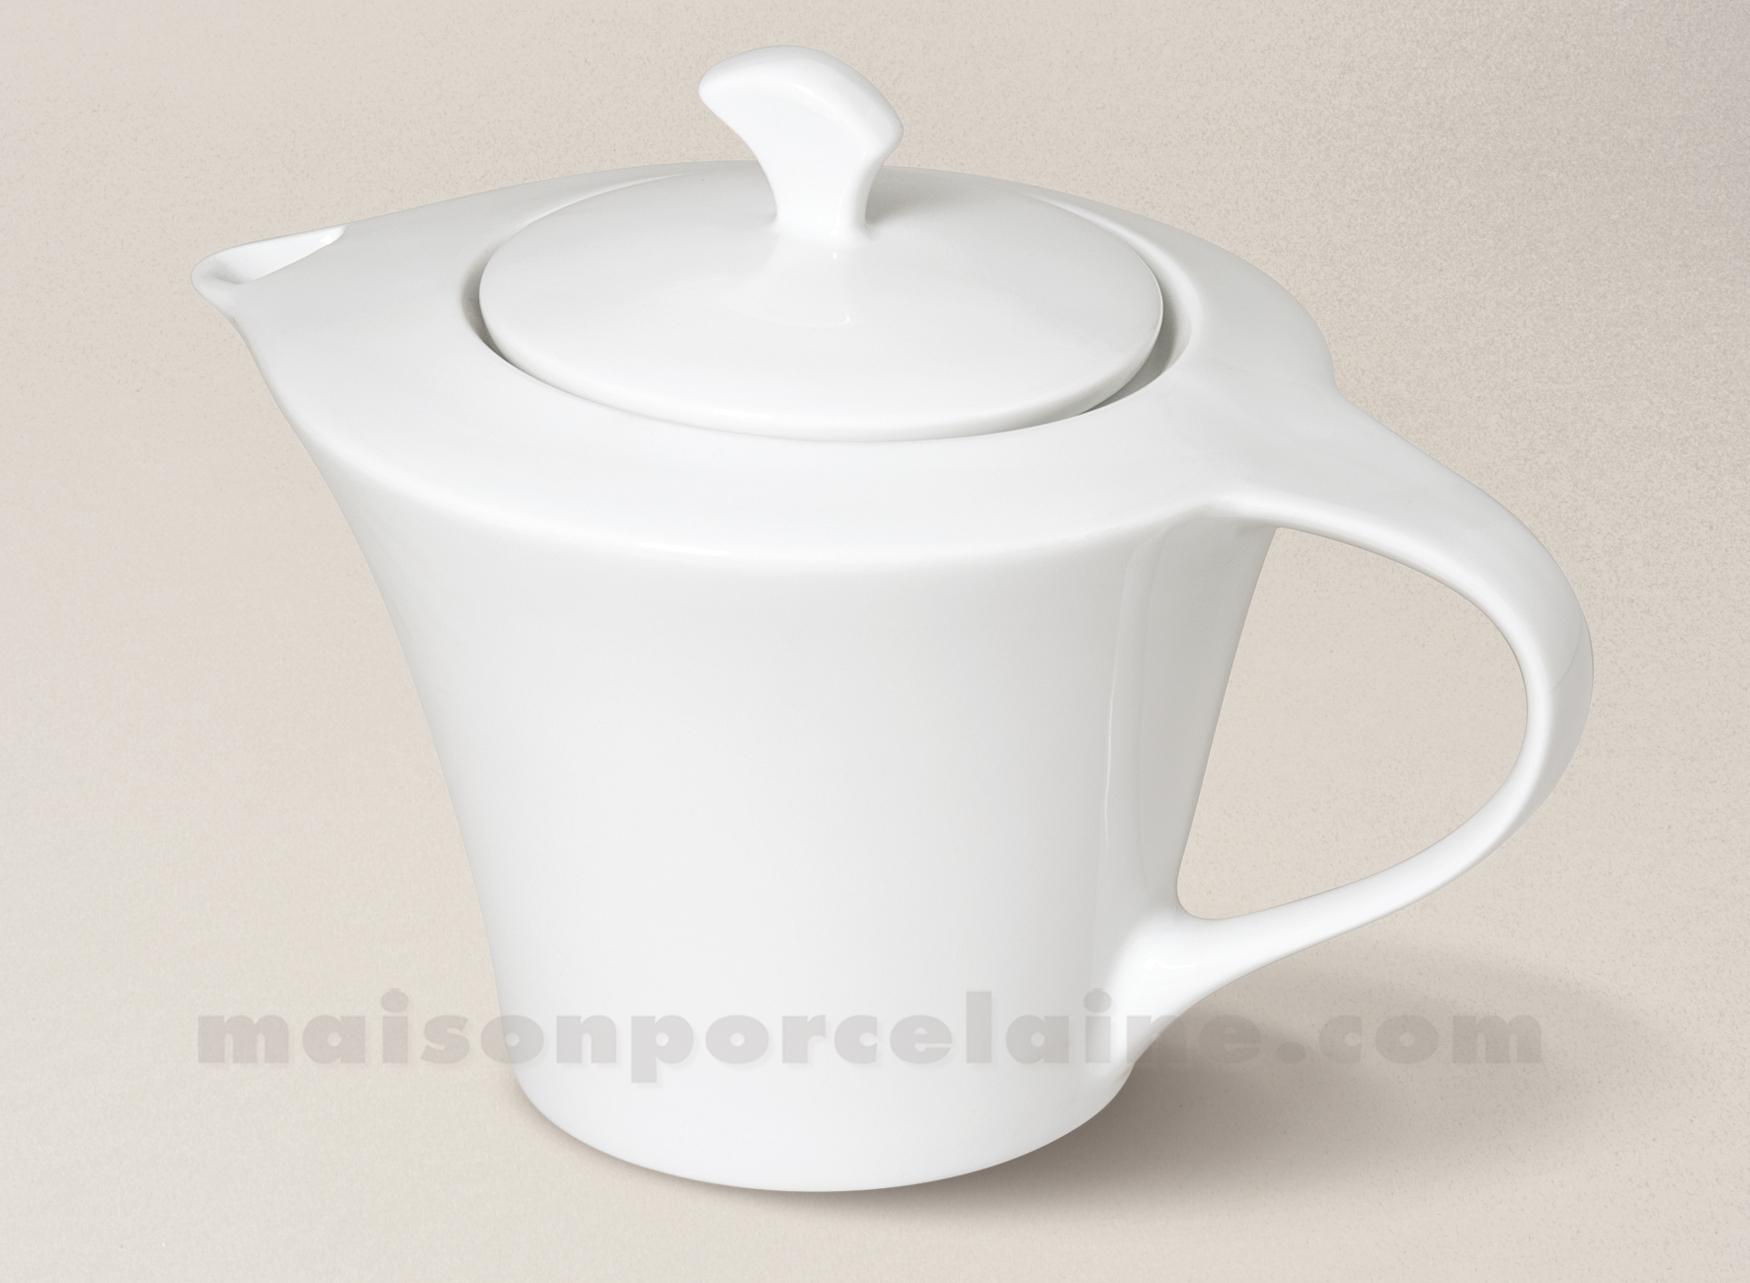 theiere porcelaine blanche kosmos gm 23x15 5x17 1 2l maison de la porcelaine. Black Bedroom Furniture Sets. Home Design Ideas